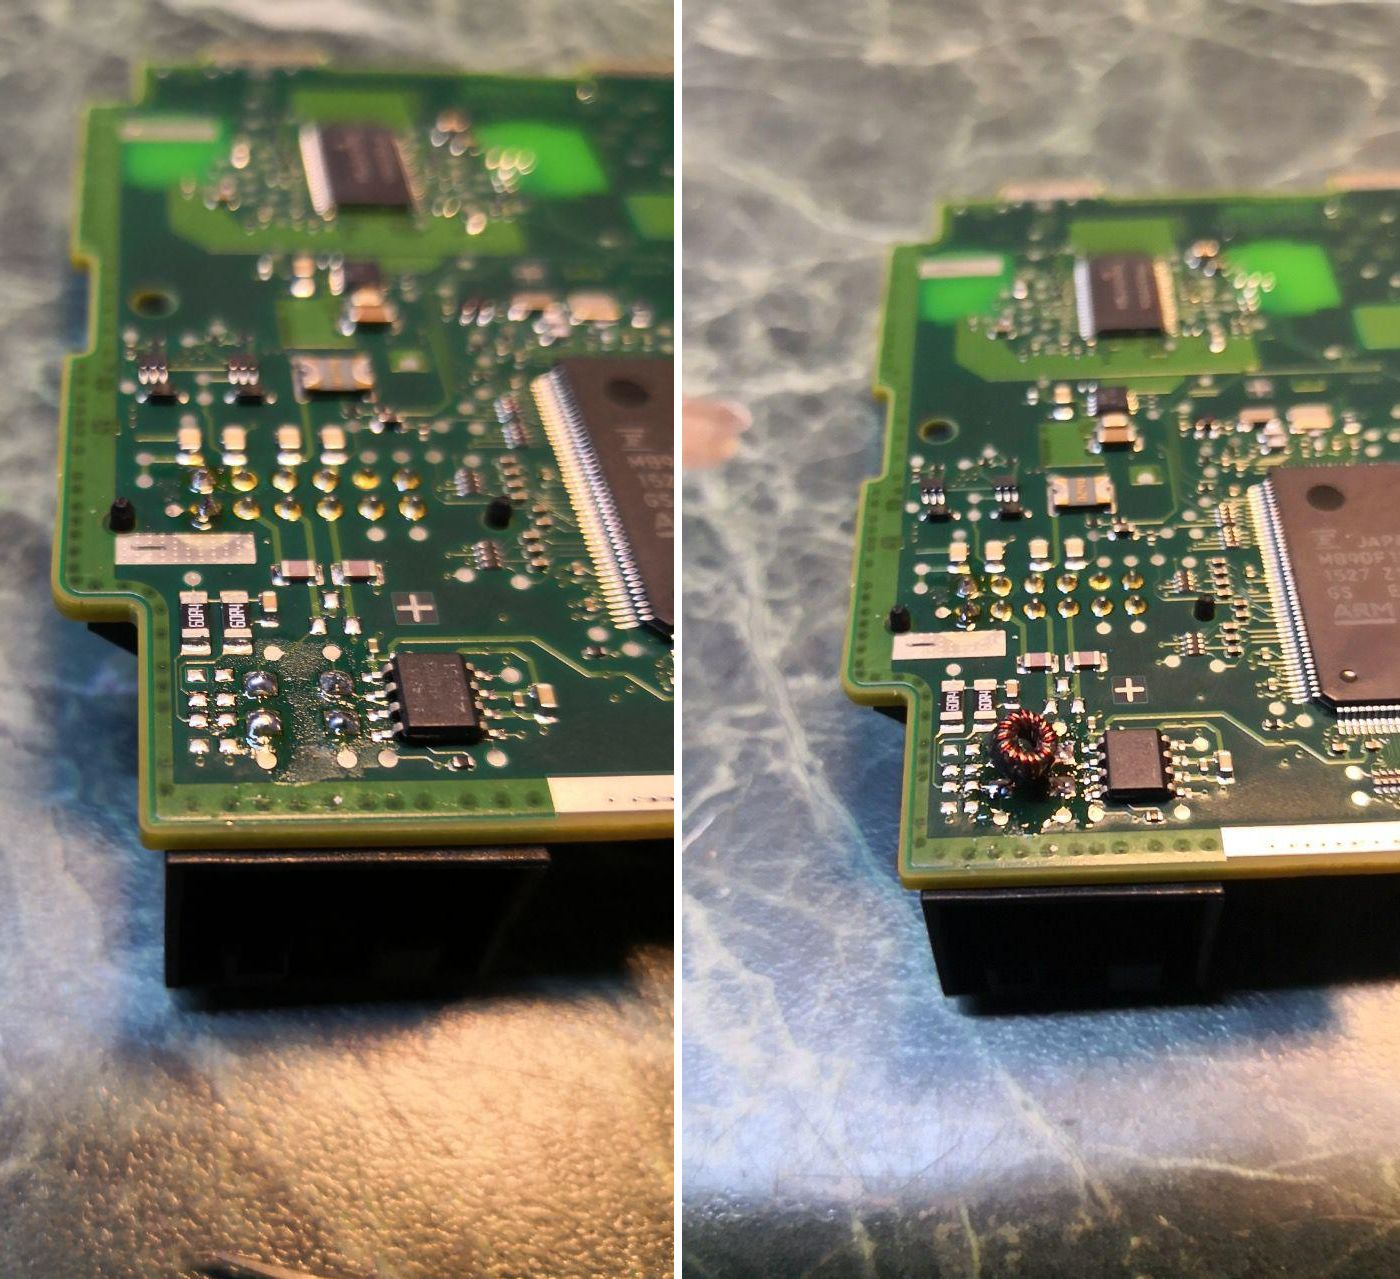 микро трансформатор на плате панели приборов G30